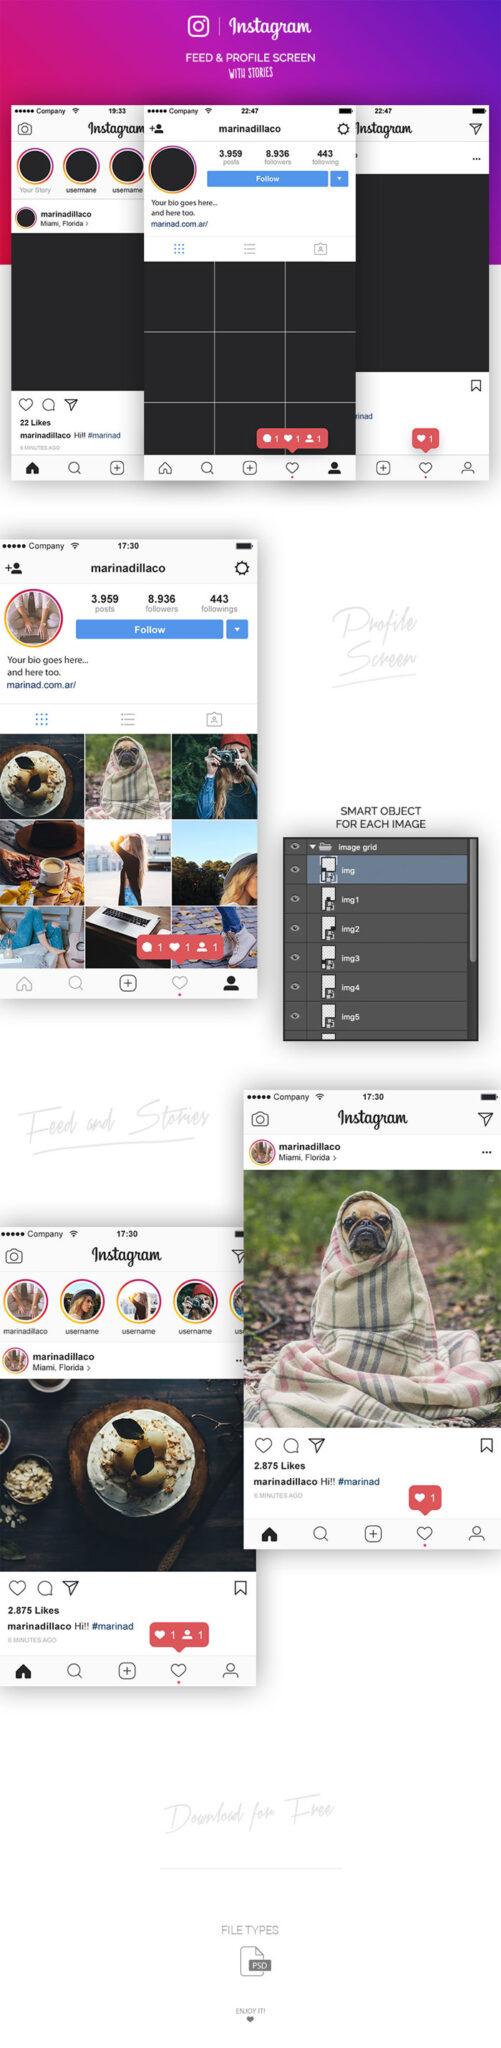 Vista previa-instagram-2017-psd Plantillas de Instagram para descargar en tus presentaciones